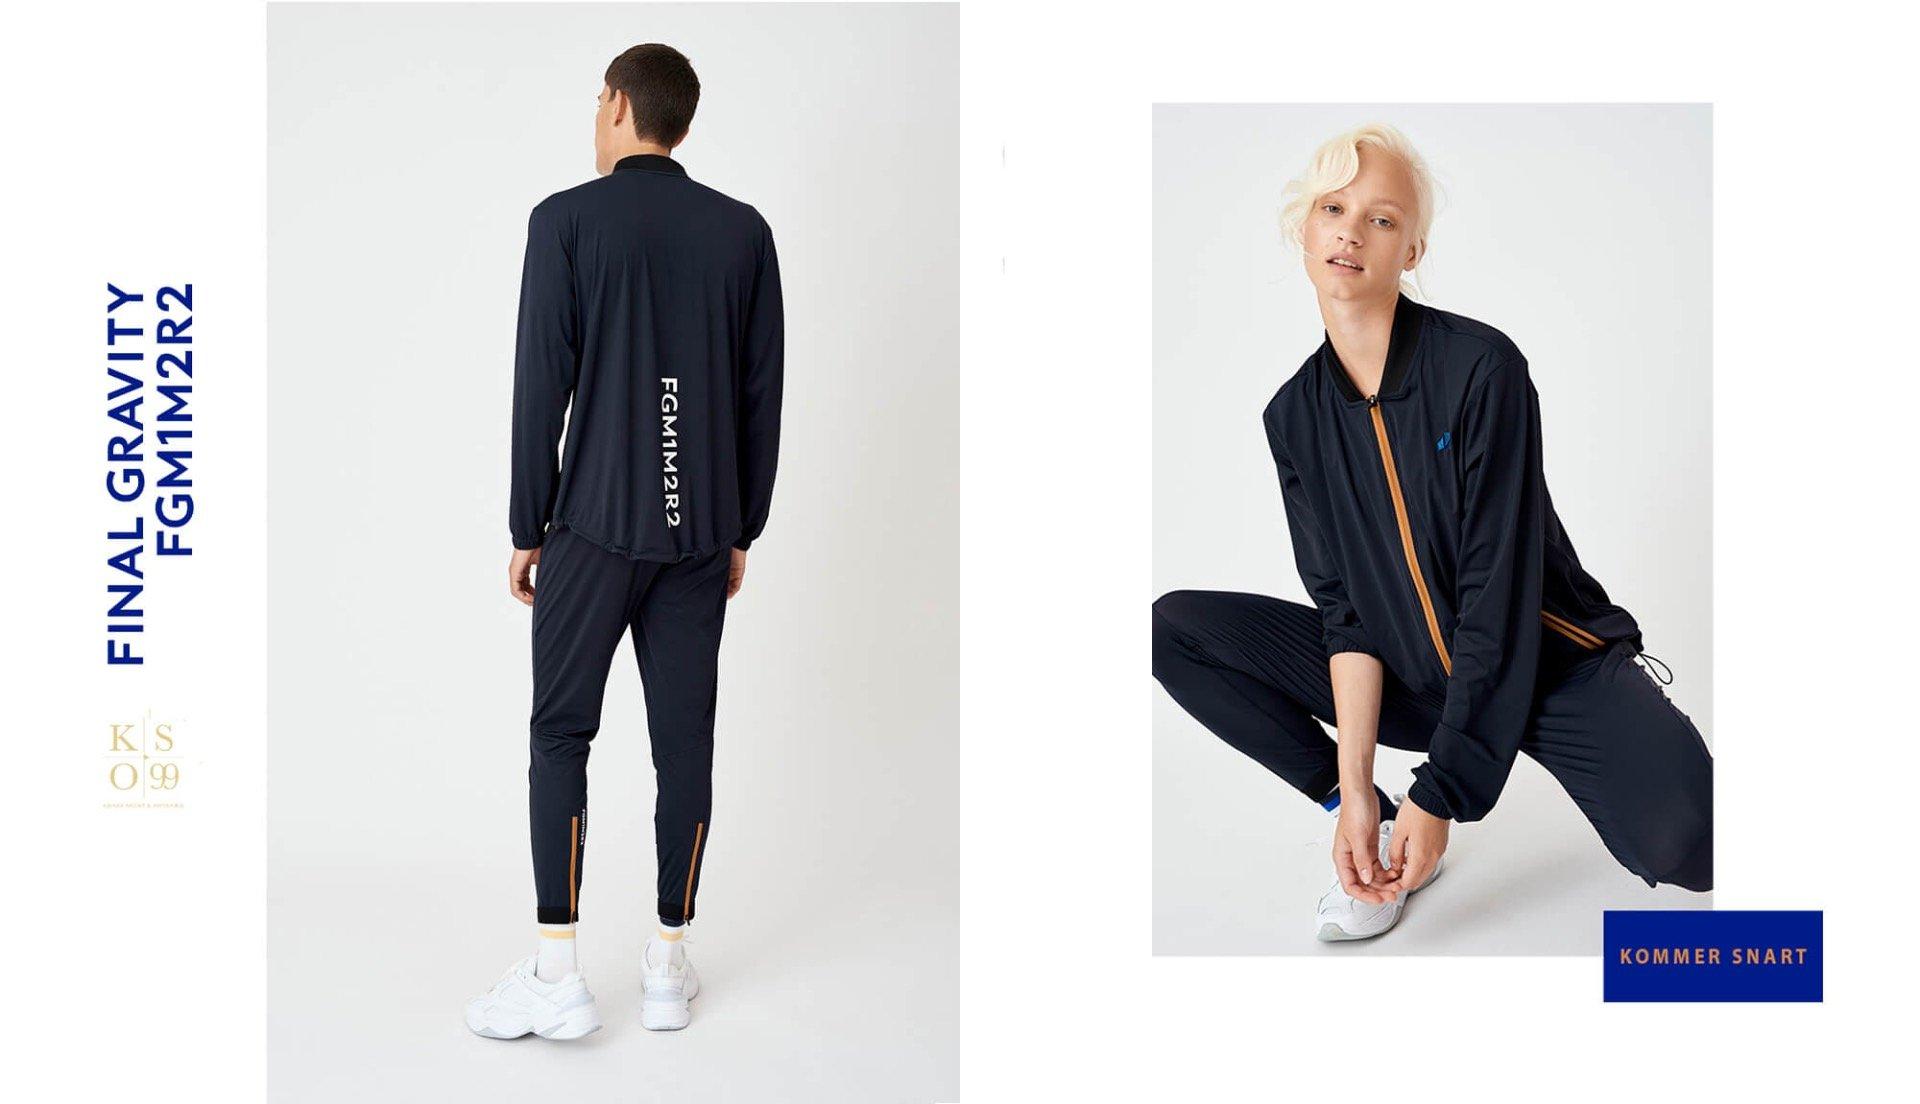 køb final gravity løbetøj til dame og herre online med fri fragt på kaisersport.dk